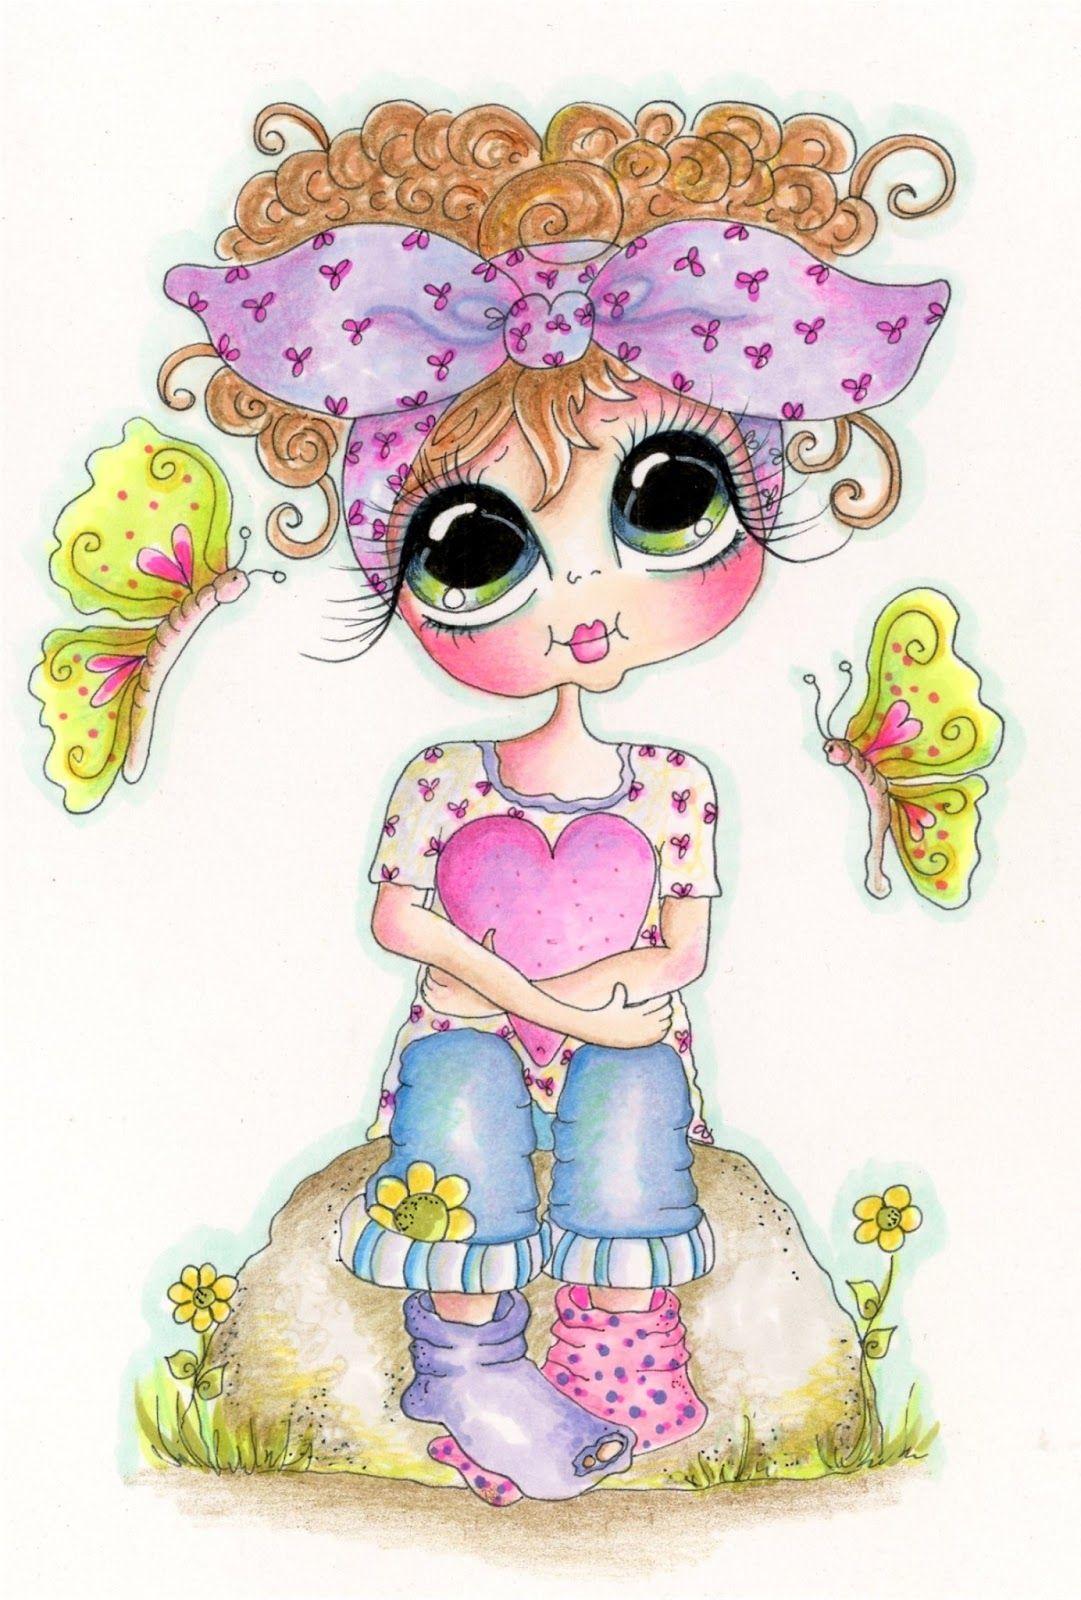 Img892 Sherri Baldy Butterfly Bestie 1 2 Jpg Jpeg Grafik 1081 1600 Pixel Grote Ogen Digitale Stempels Schattige Kunst